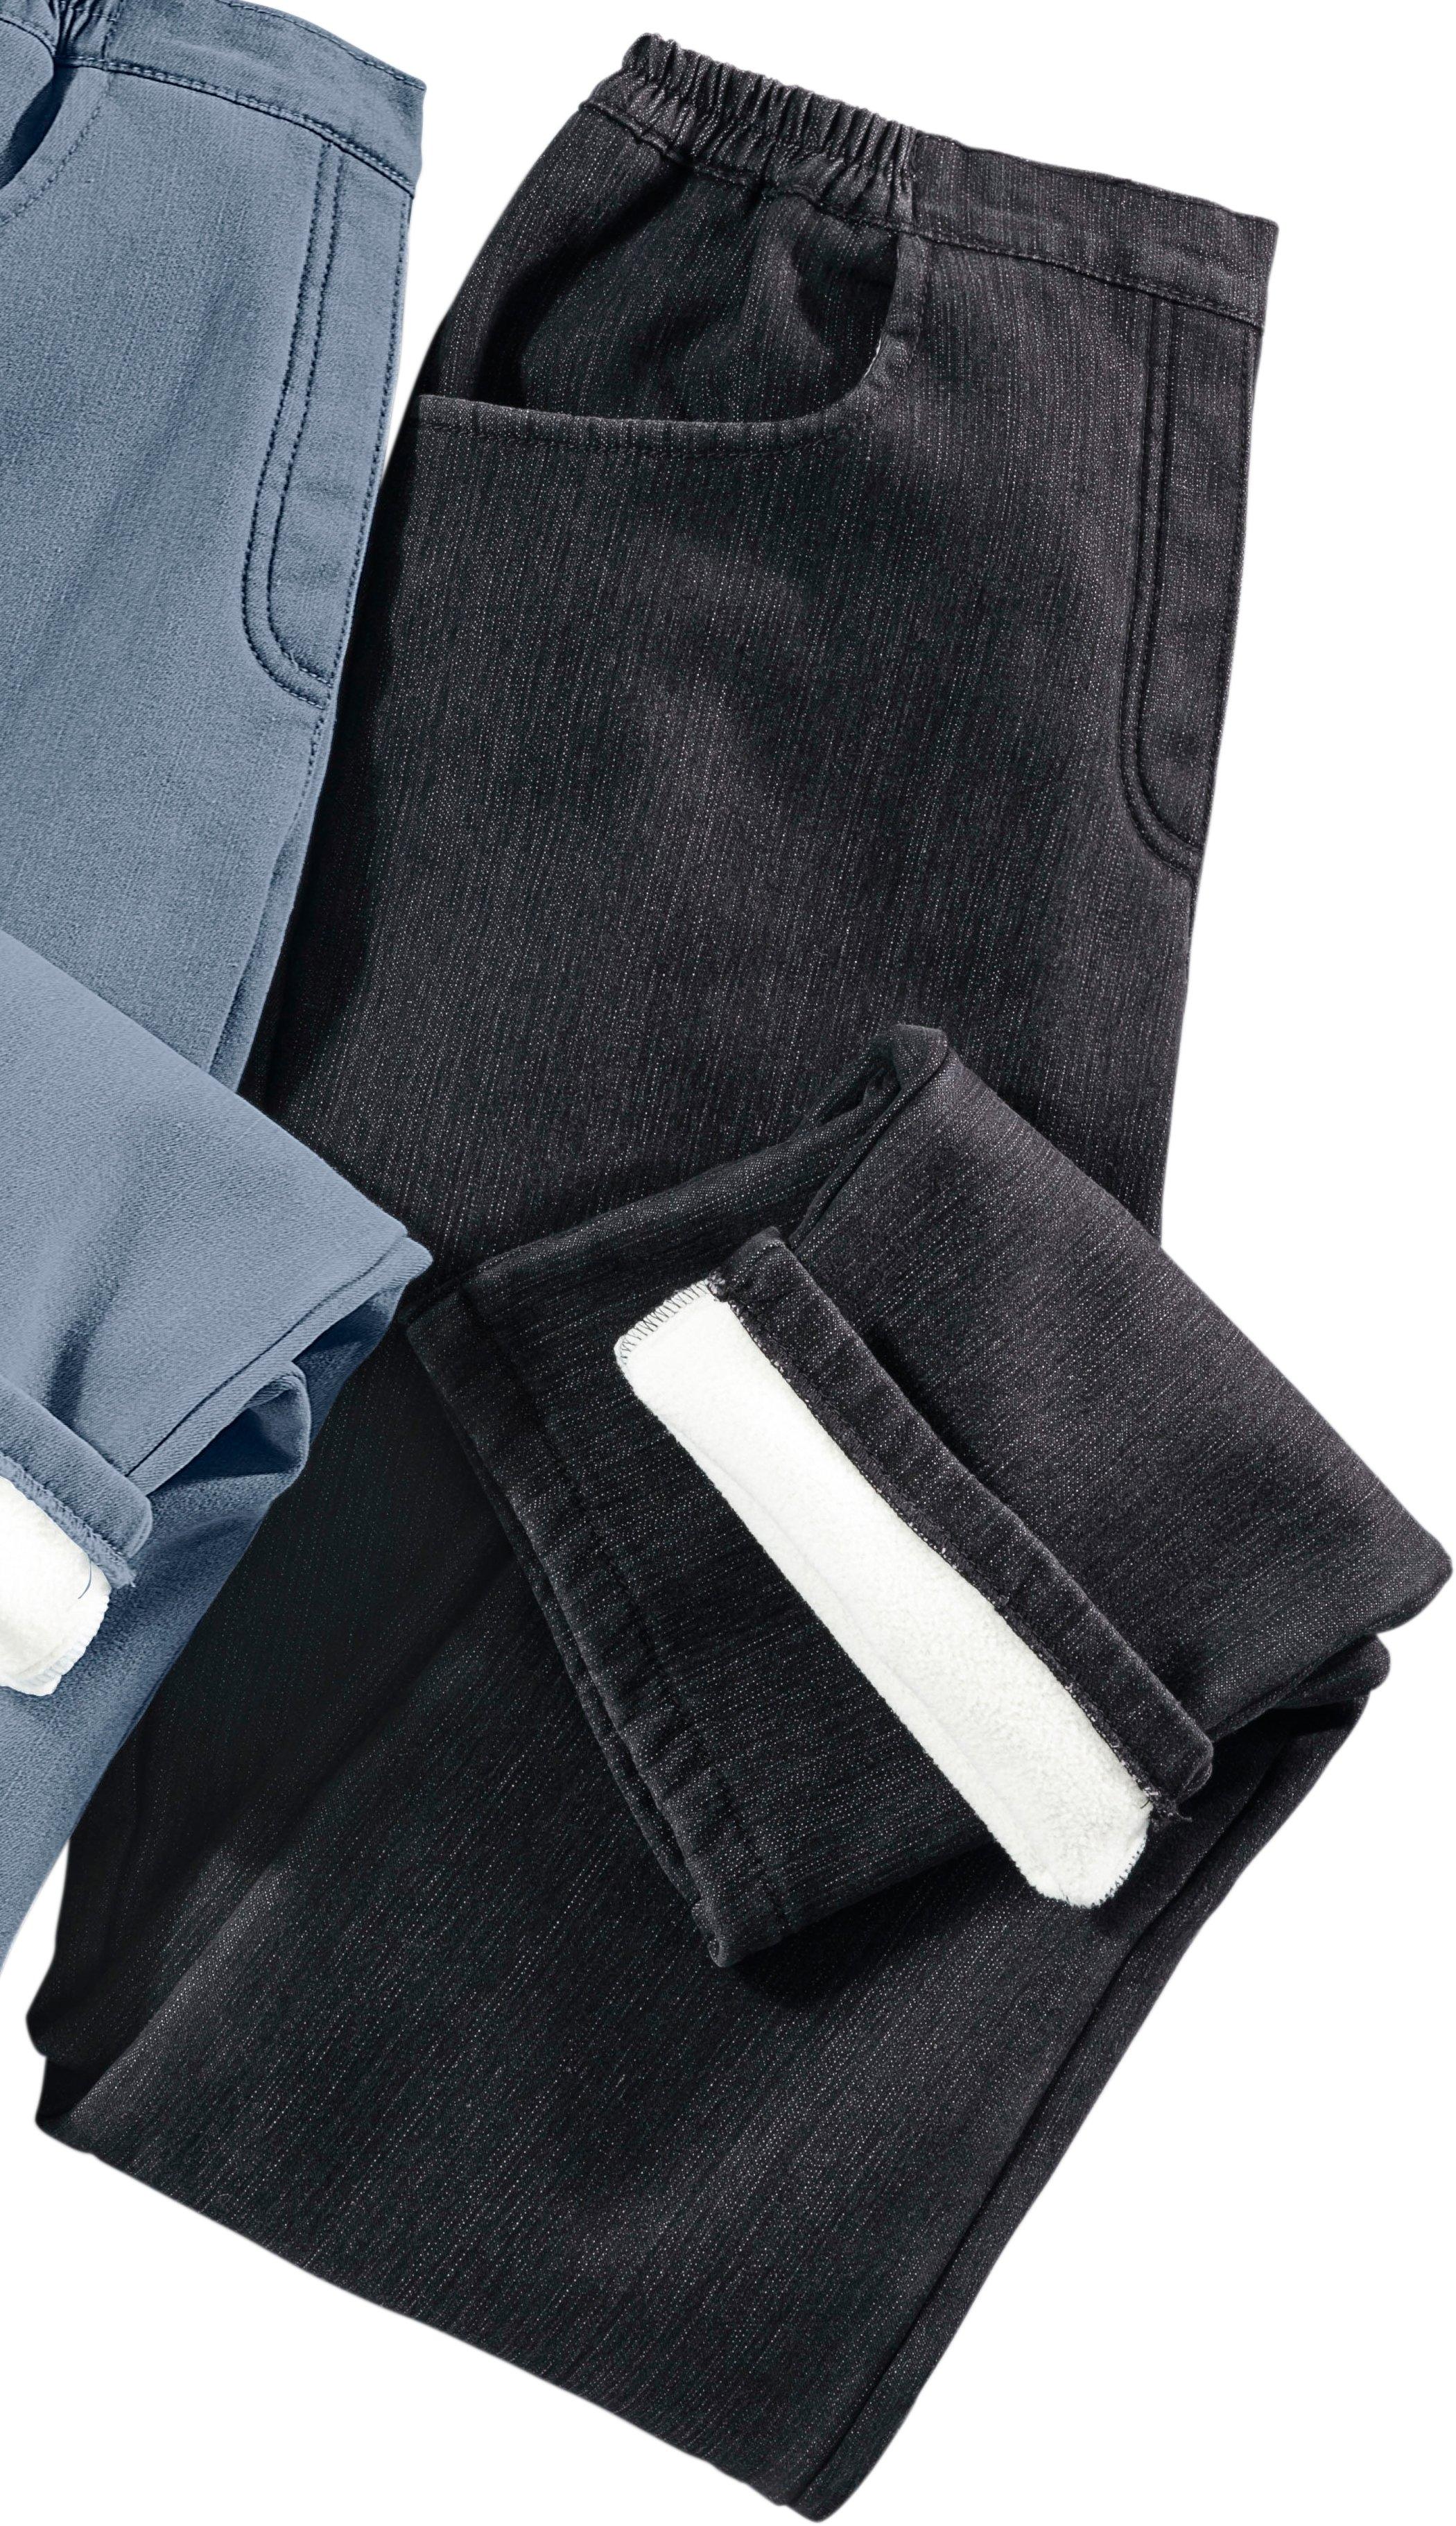 Classic Basics thermo-jeans - aan de buitenkant denim, binnenin fleece goedkoop op otto.nl kopen